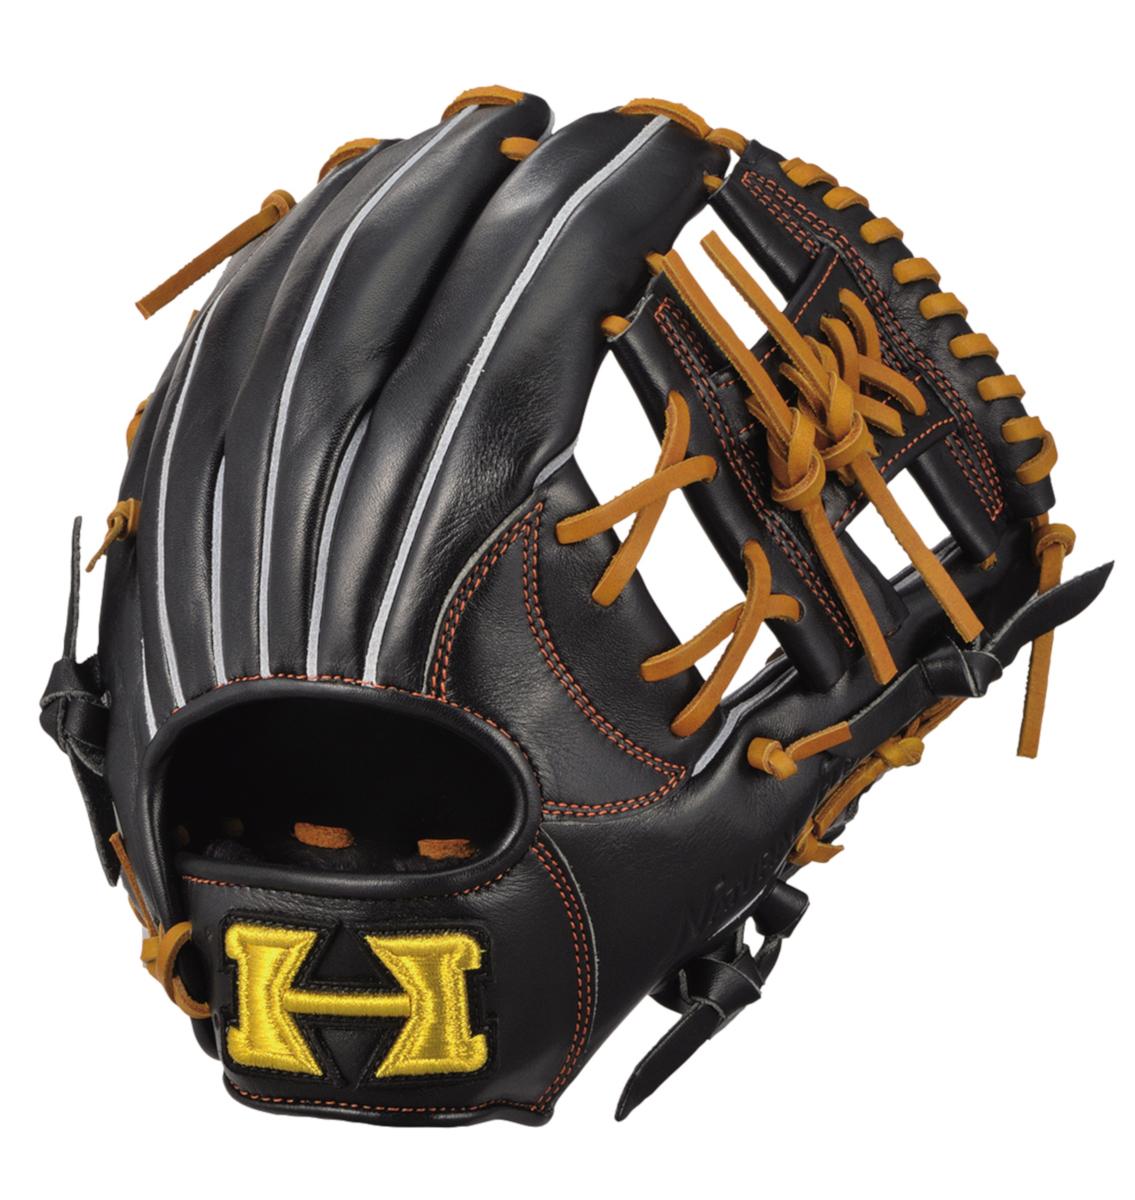 ハイゴールド 軟式野球グラブ 己極シリーズ 遊撃手・二塁手用グローブ ブラック×タン 右投げ OKG6336